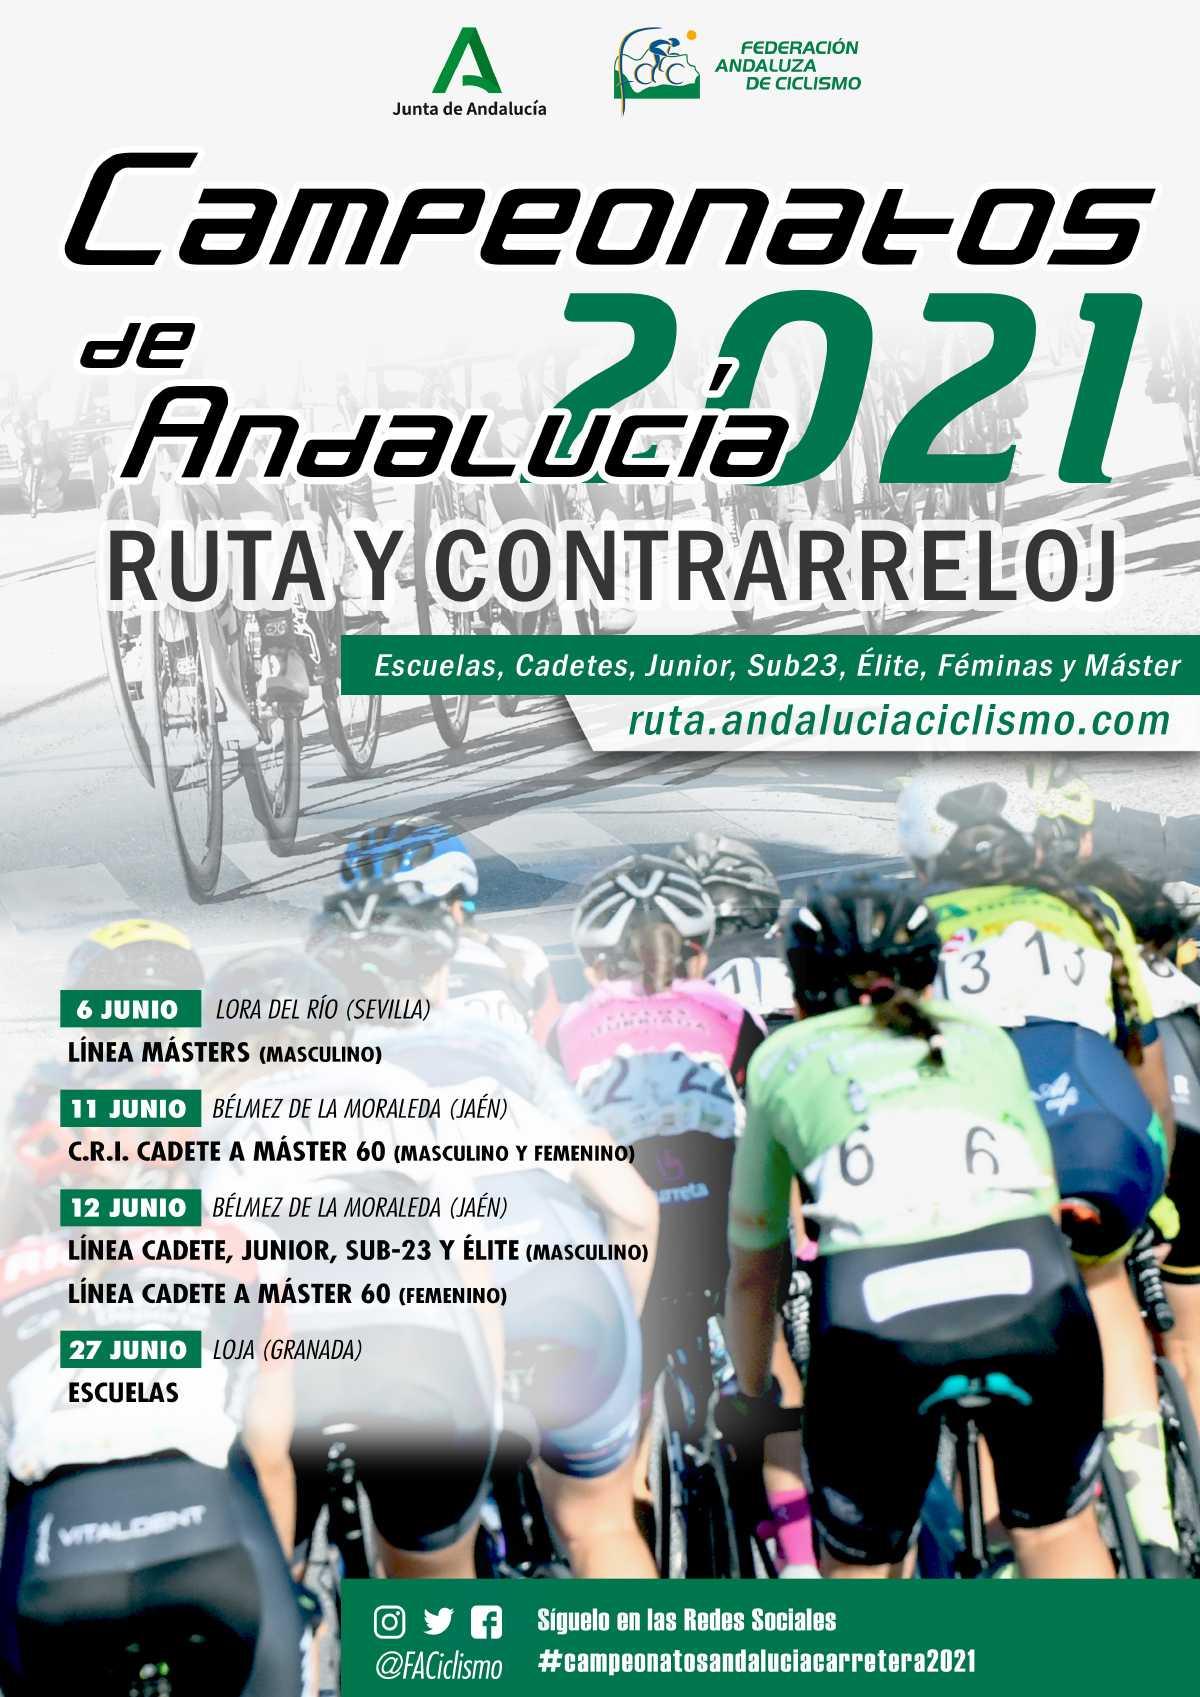 Sedes y fechas de los Campeonatos de Andalucía Contrarreloj y Ruta 2021